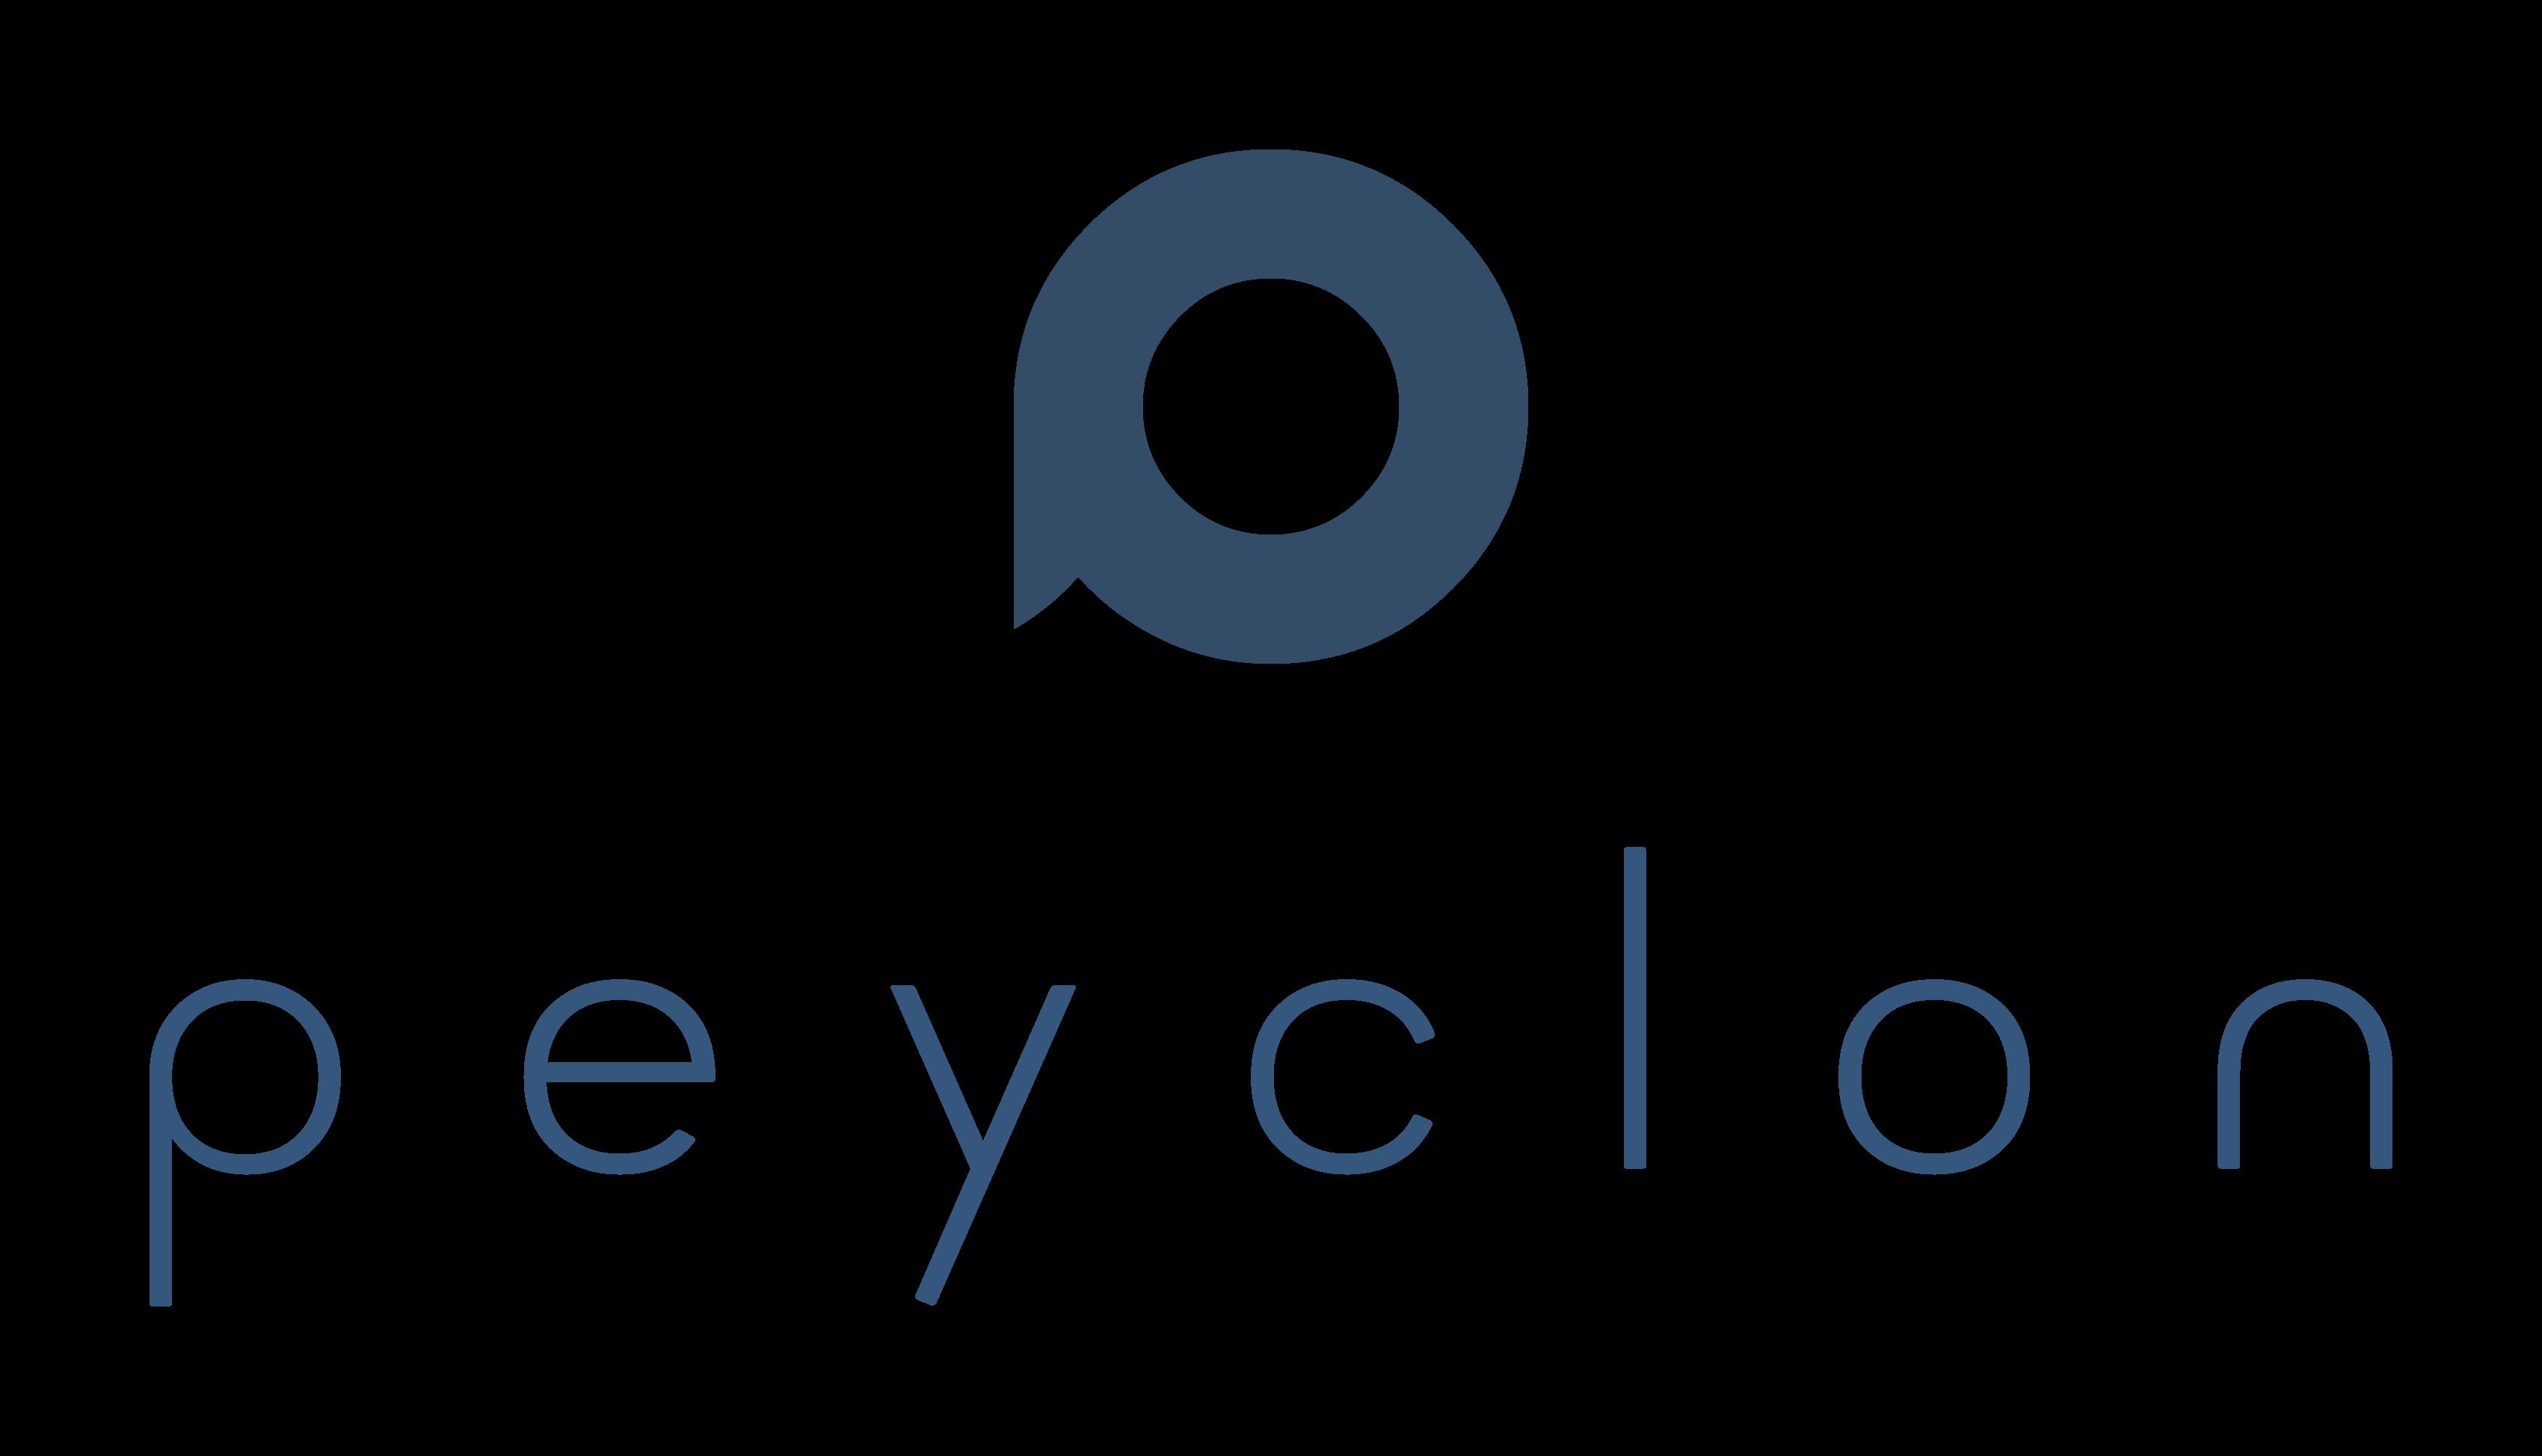 peyclon-Logo